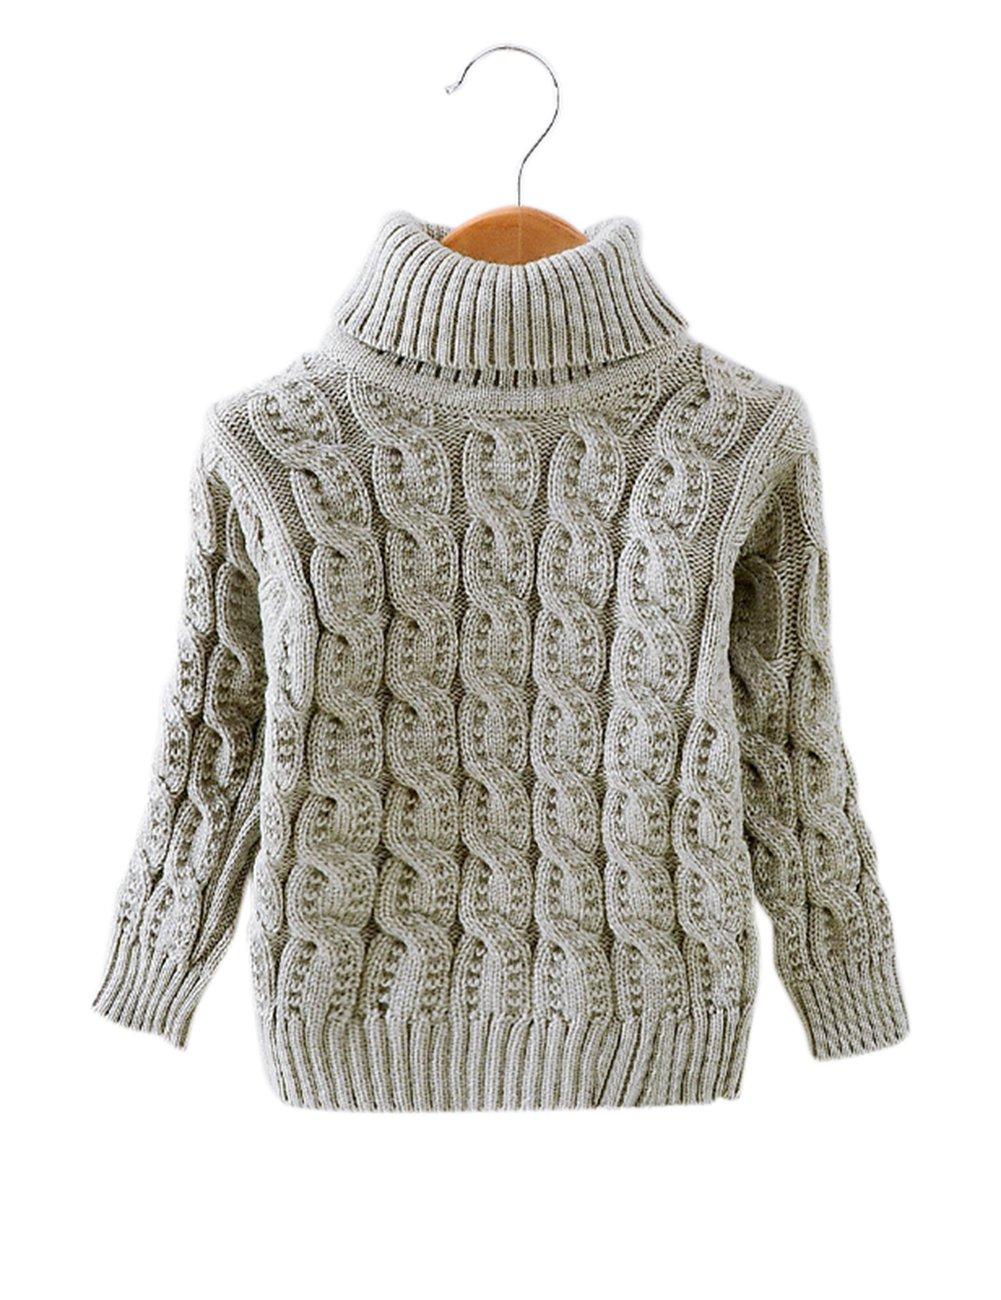 Bébé garçon fille torsion fleur motif laine pull tricoté pull sous la chemise vêtements